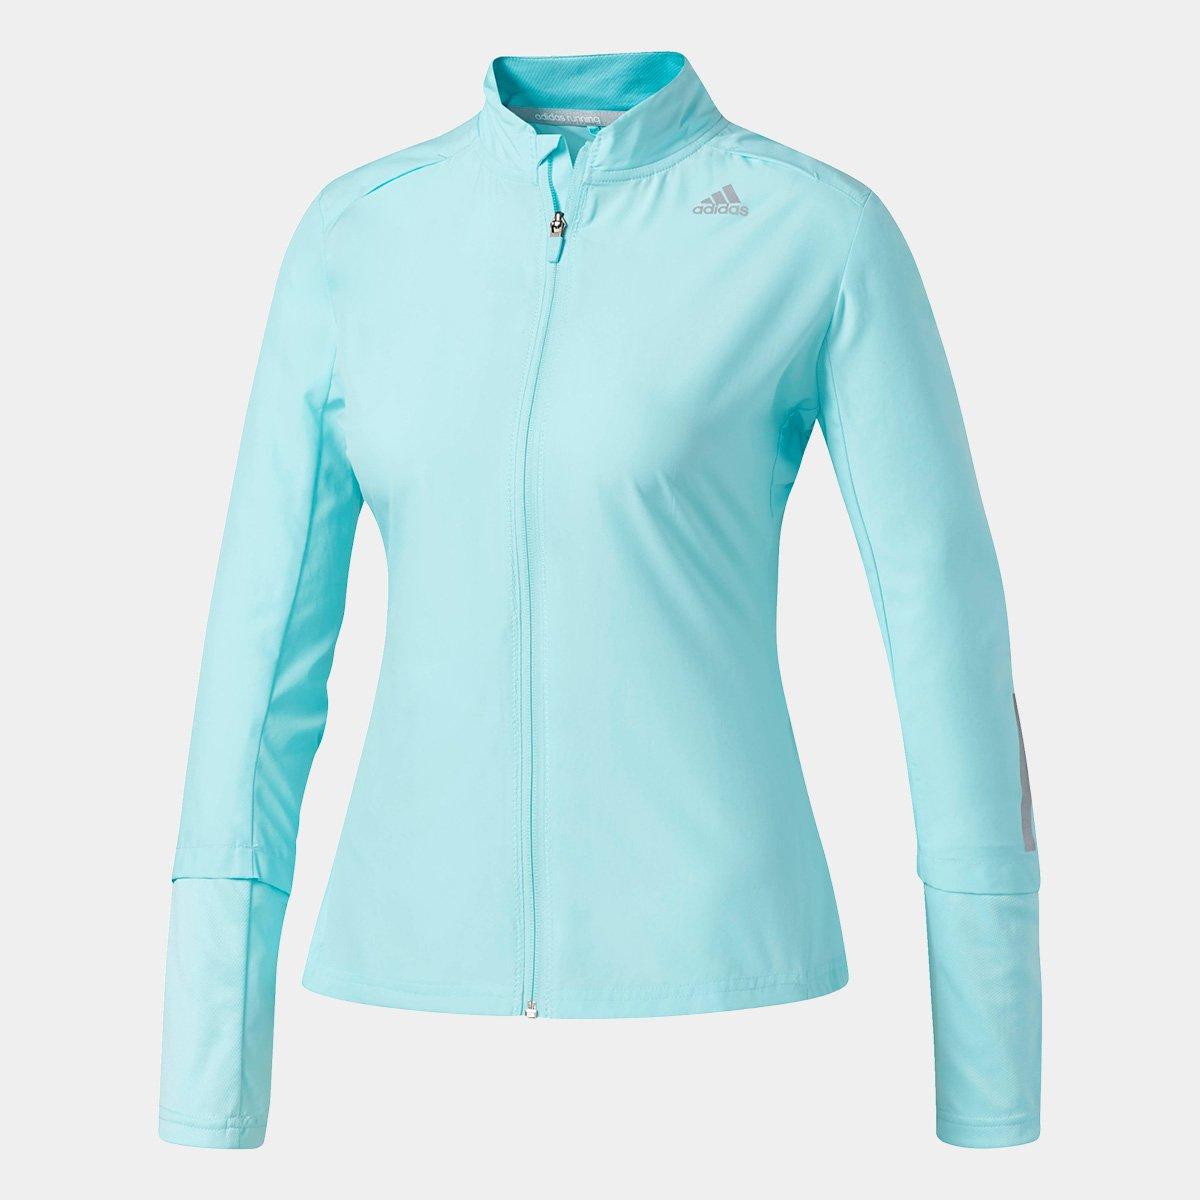 jaqueta retro adidas originals alemanha casacos adidas 87836eb5a9975